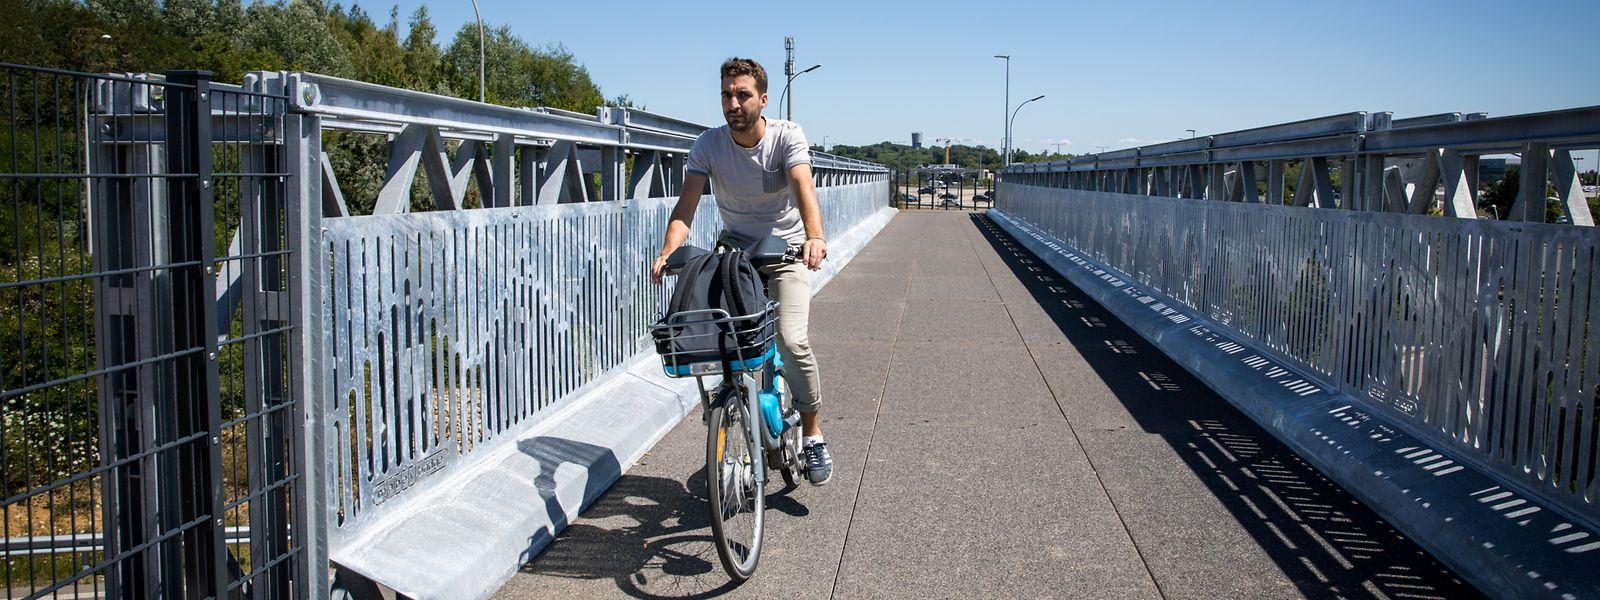 Seit dem 20. Januar wurde an dem neuen Weg zwischen Cloche d'Or, dem Park&Ride Sud und Howald gebaut. Der Kostenpunkt von einer Million Euro, davon alleine 250.000 Euro für die Brücke, wurde vom Staat finanziert.